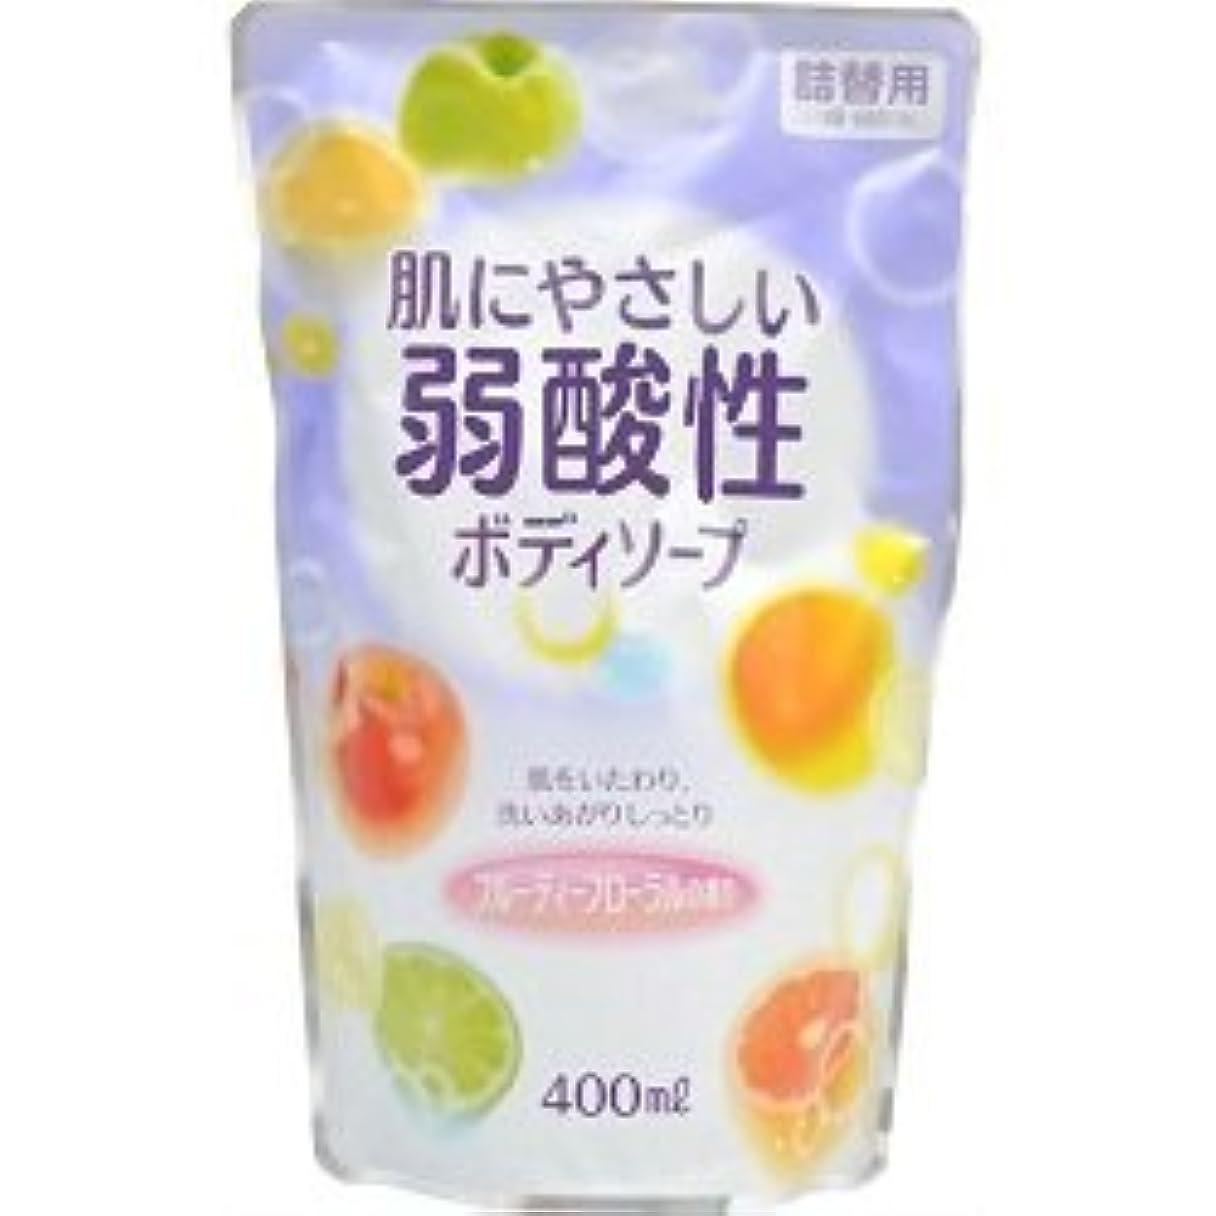 かび臭いの頭の上酔う【エオリア】弱酸性ボディソープ フルーティフローラルの香り 詰替用 400ml ×3個セット